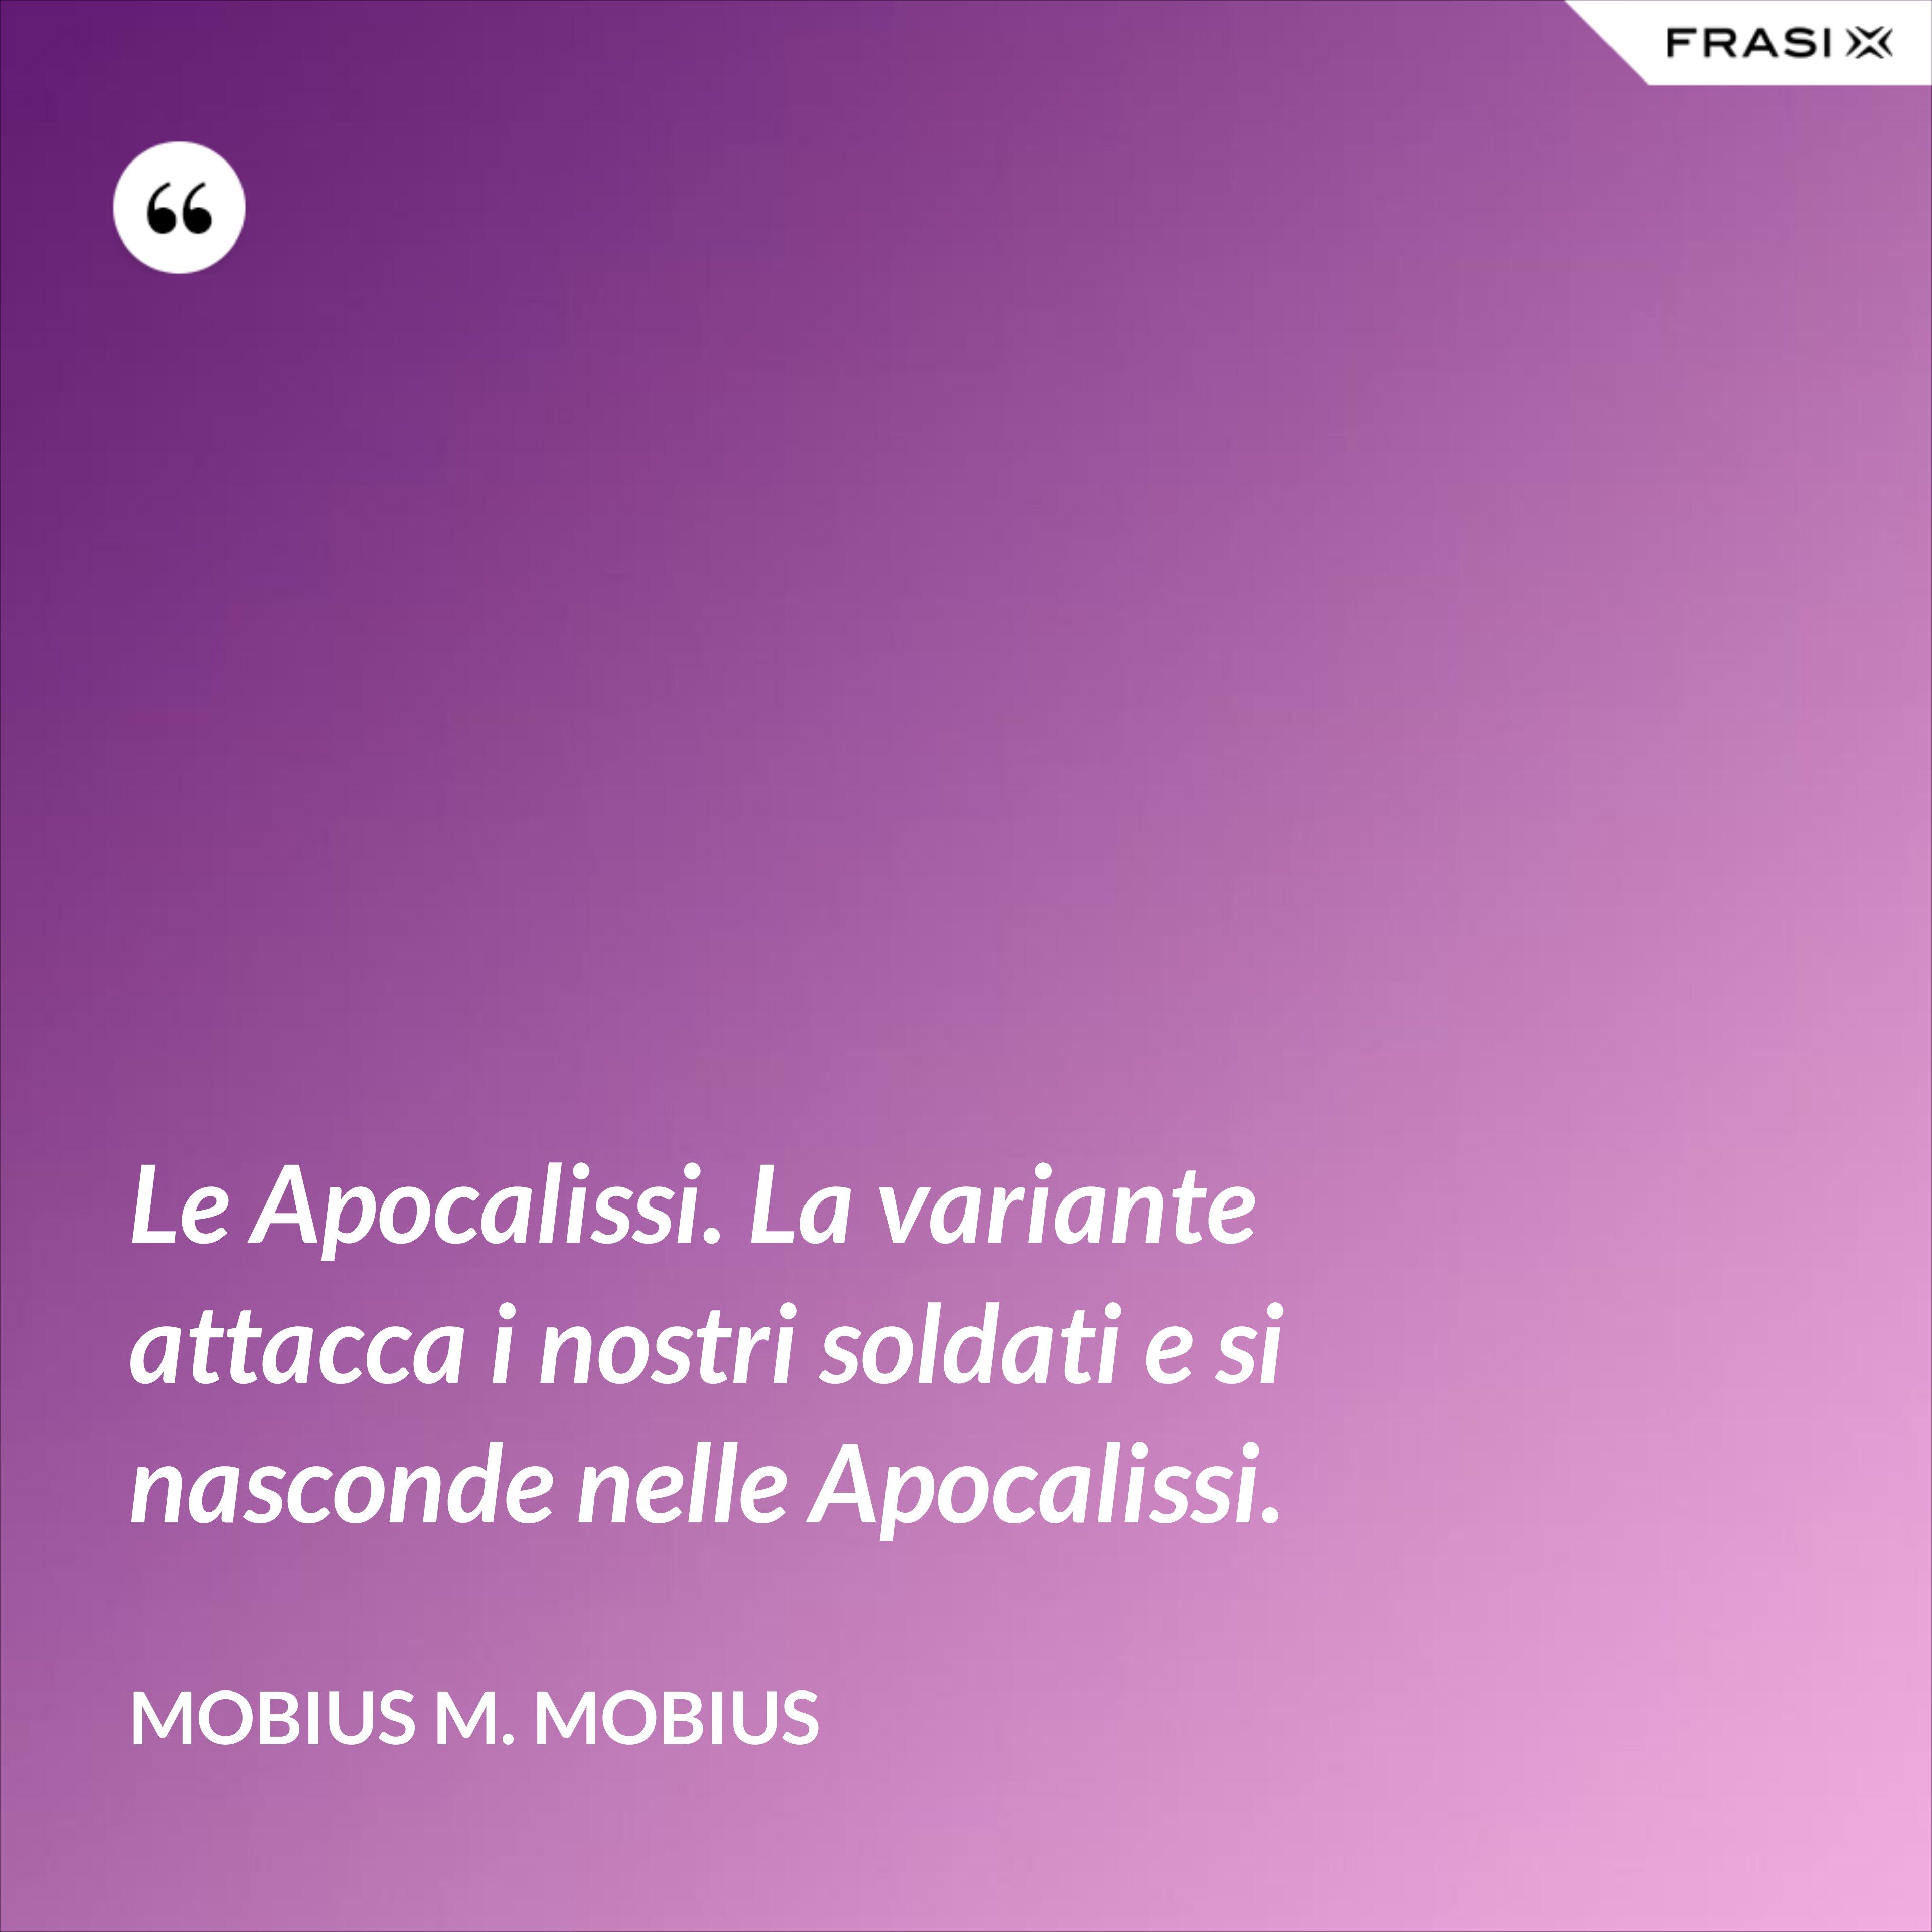 Le Apocalissi. La variante attacca i nostri soldati e si nasconde nelle Apocalissi. - Mobius M. Mobius